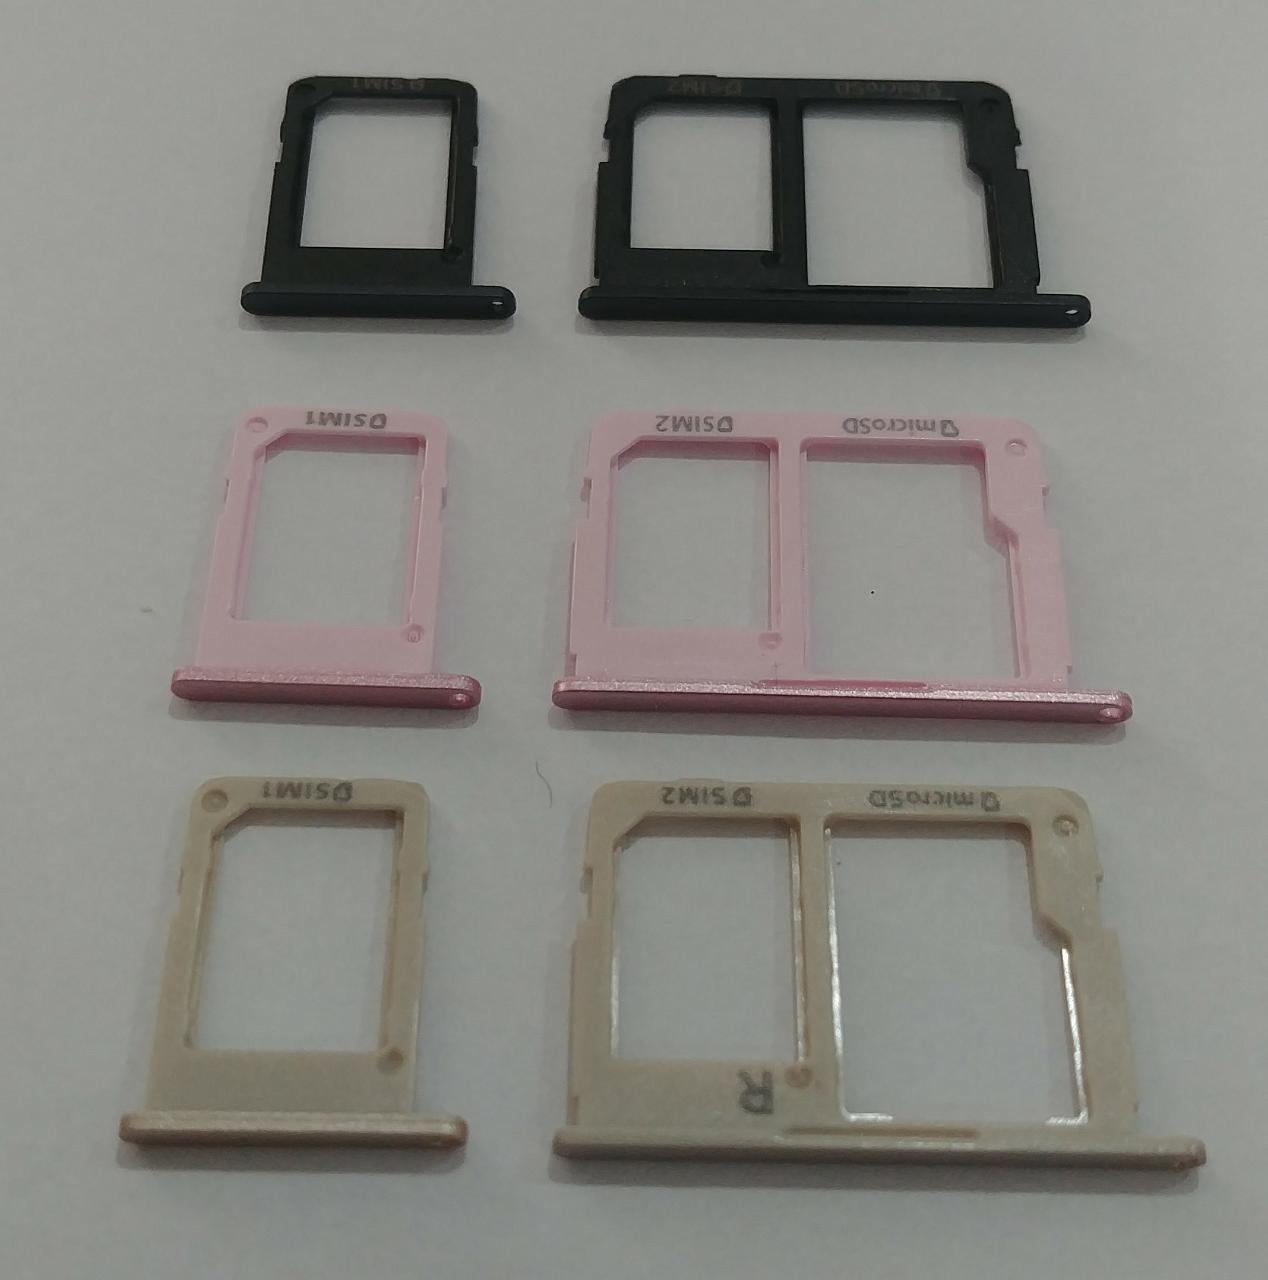 Gaveta Bandeja Slot SIM Card Samsung J5 Prime Sm G570 / J7 Prime Sm G610